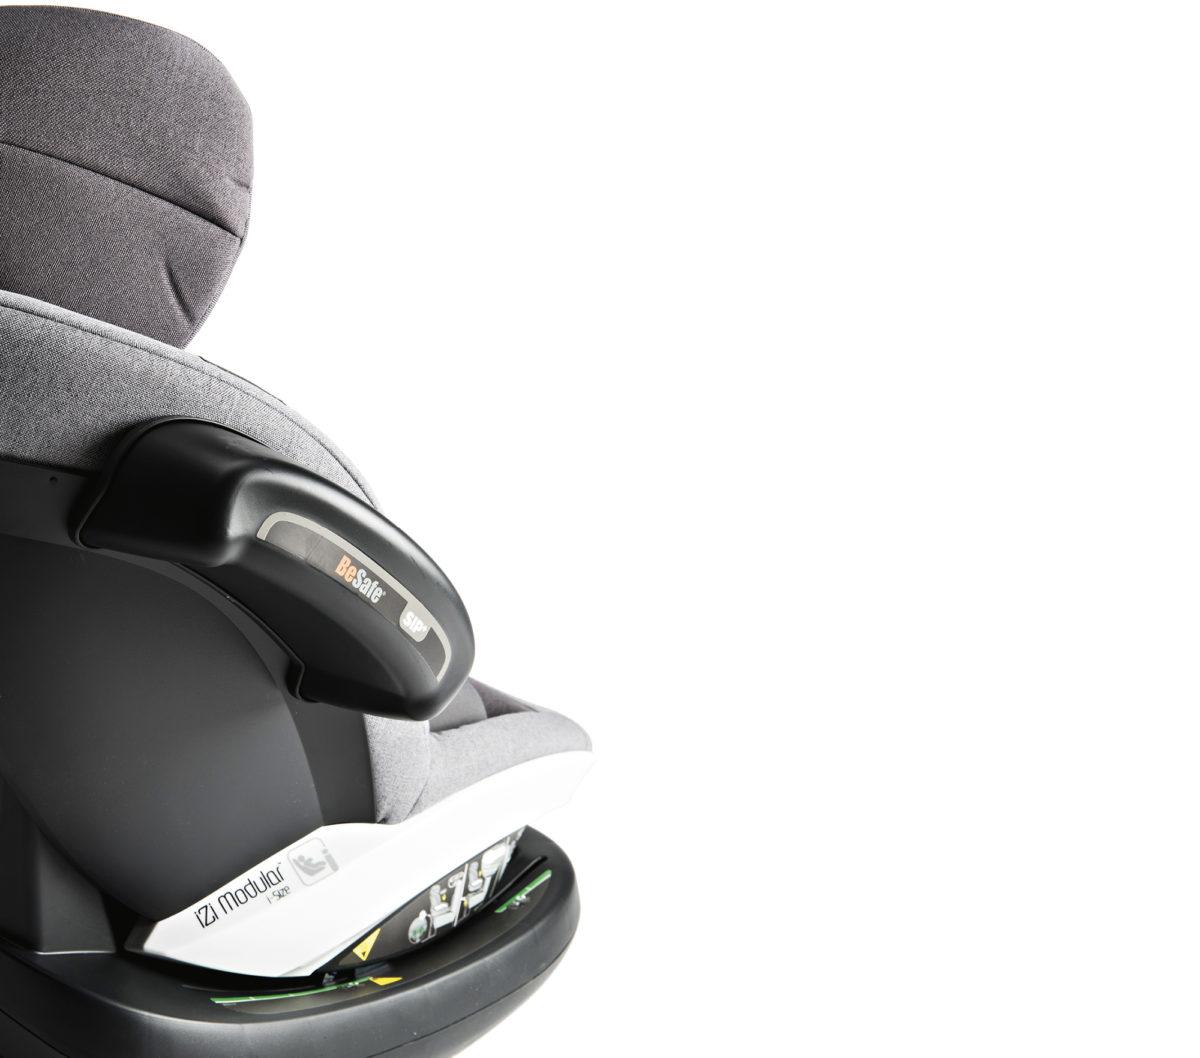 Vanhemmasta R44-standardista poiketen i-Size edellyttää sivutörmäystestejä. Tässä istuimessa sen huomaa kyljen korkeudella olevista suurista sivutörmäyselementeistä.